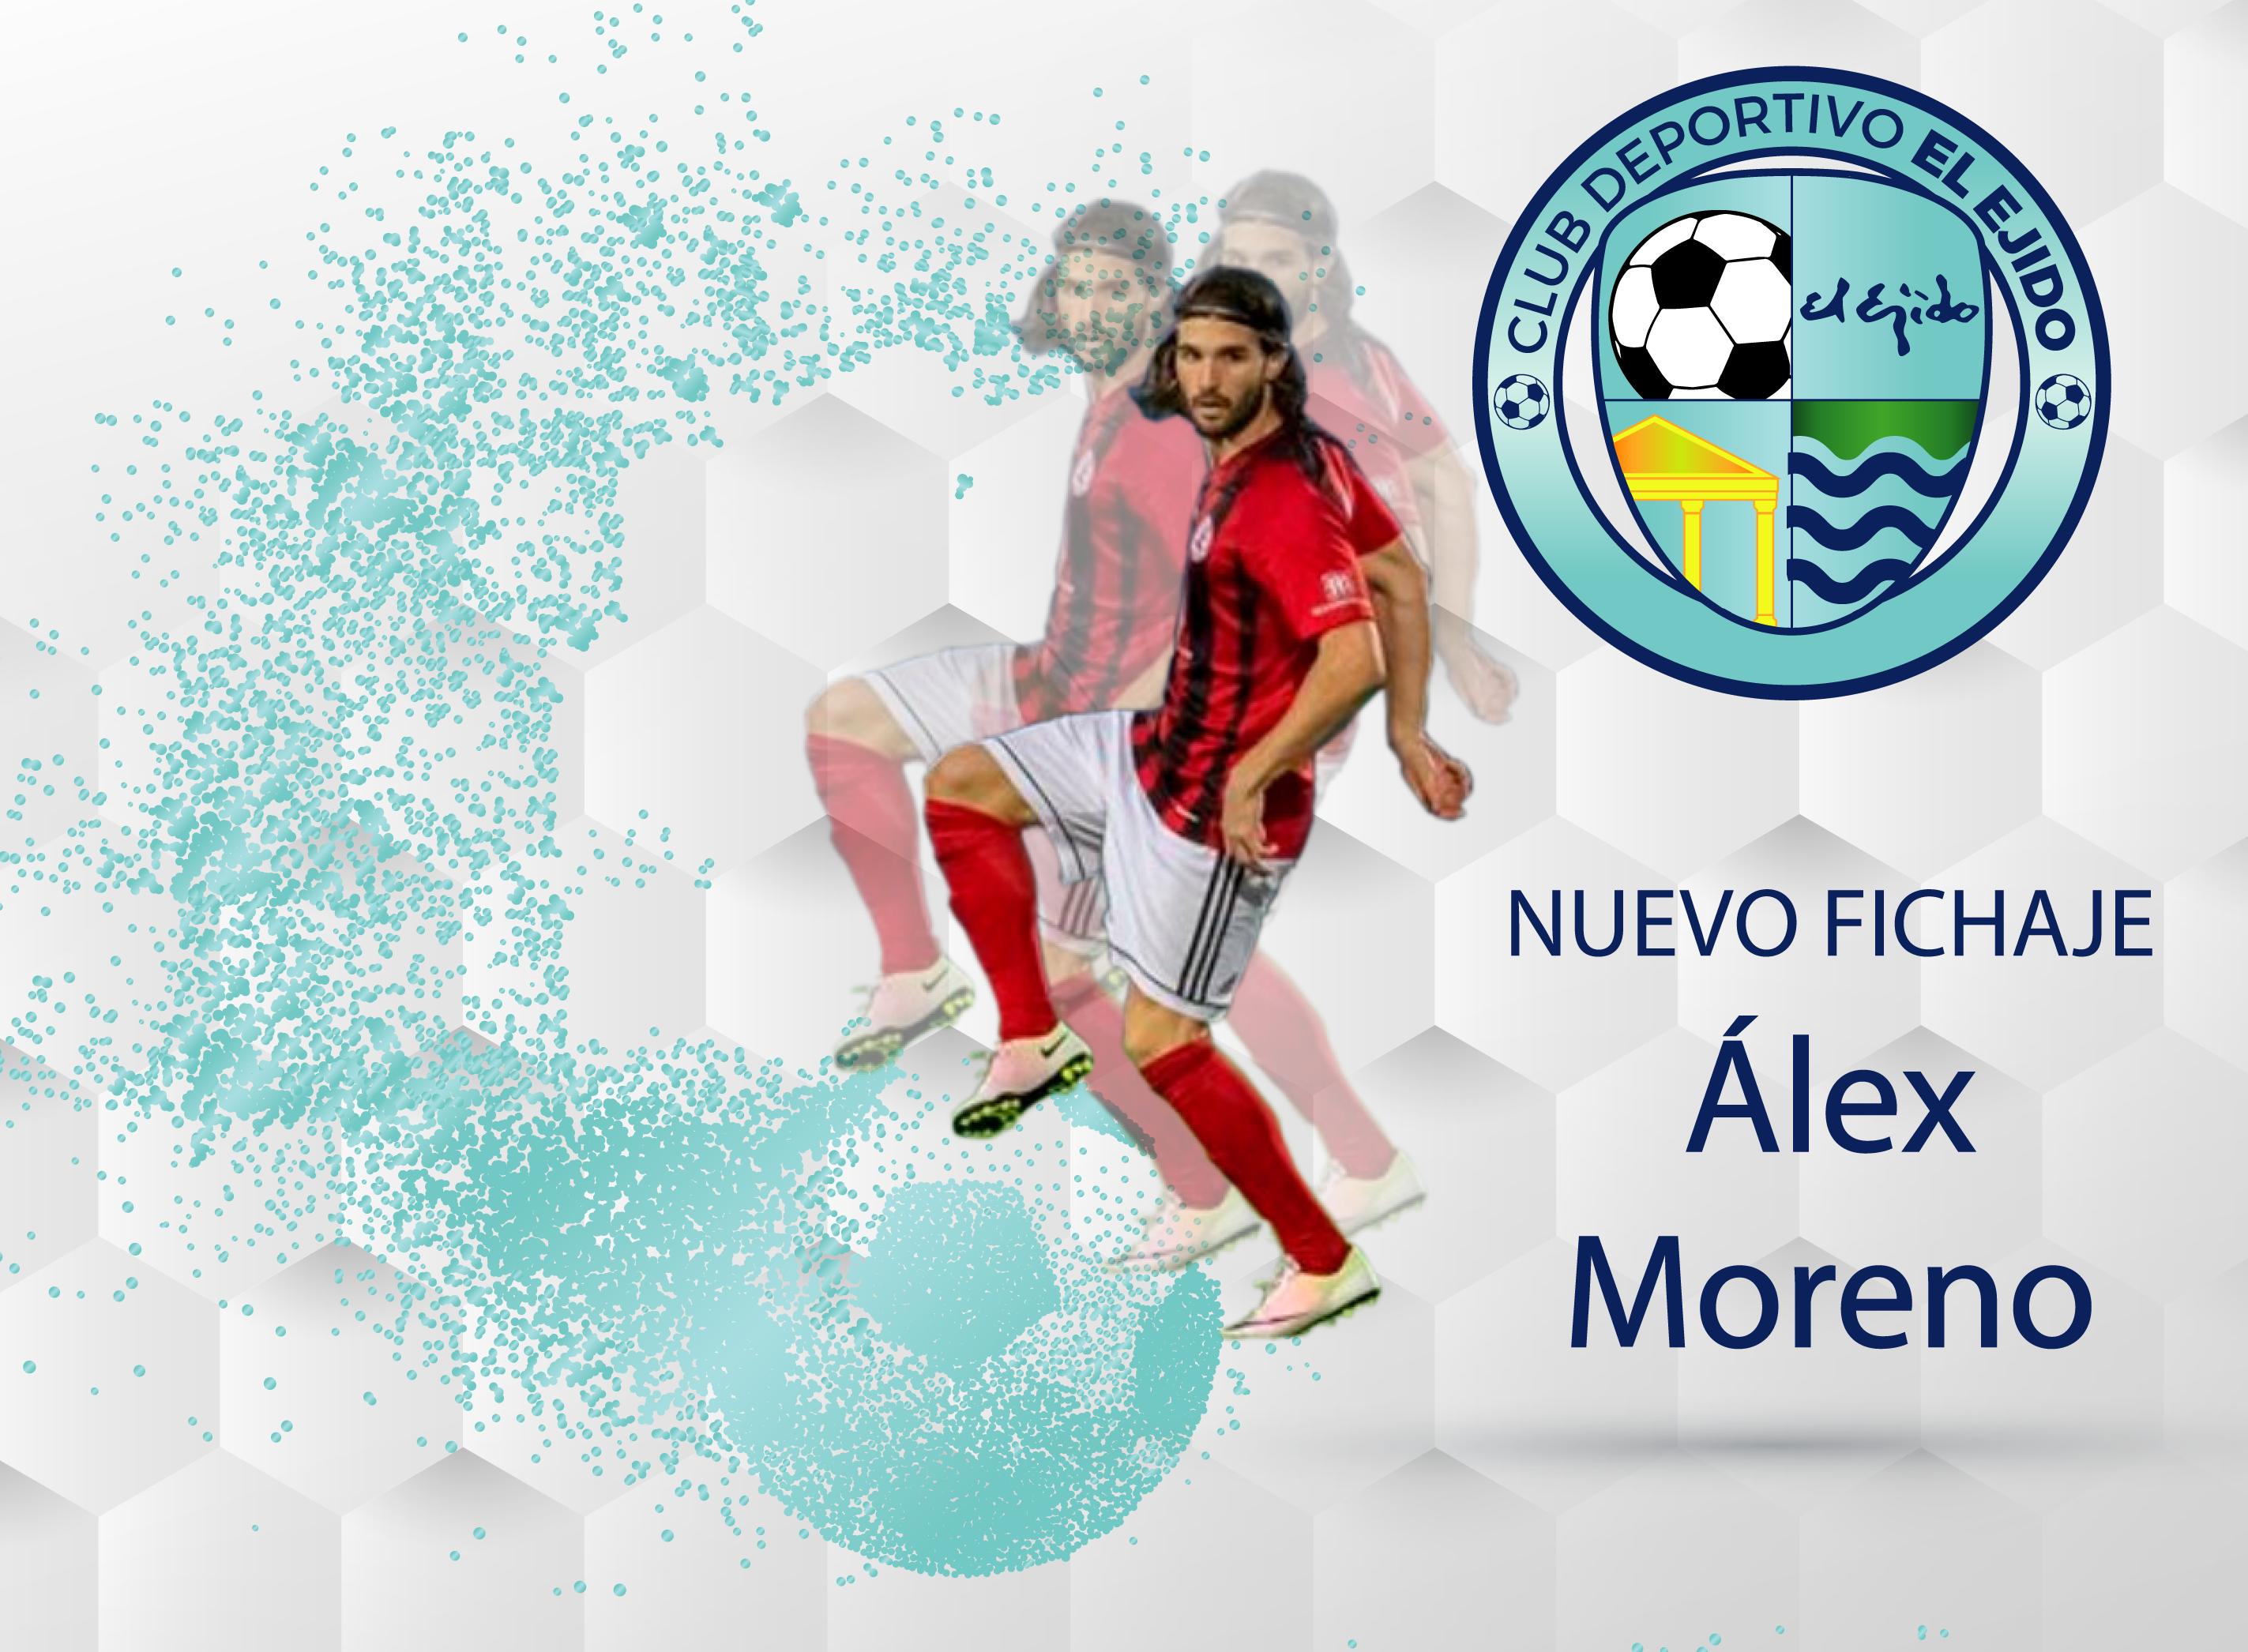 El centrocampista Álex Moreno, nueva incorporación del CD El Ejido